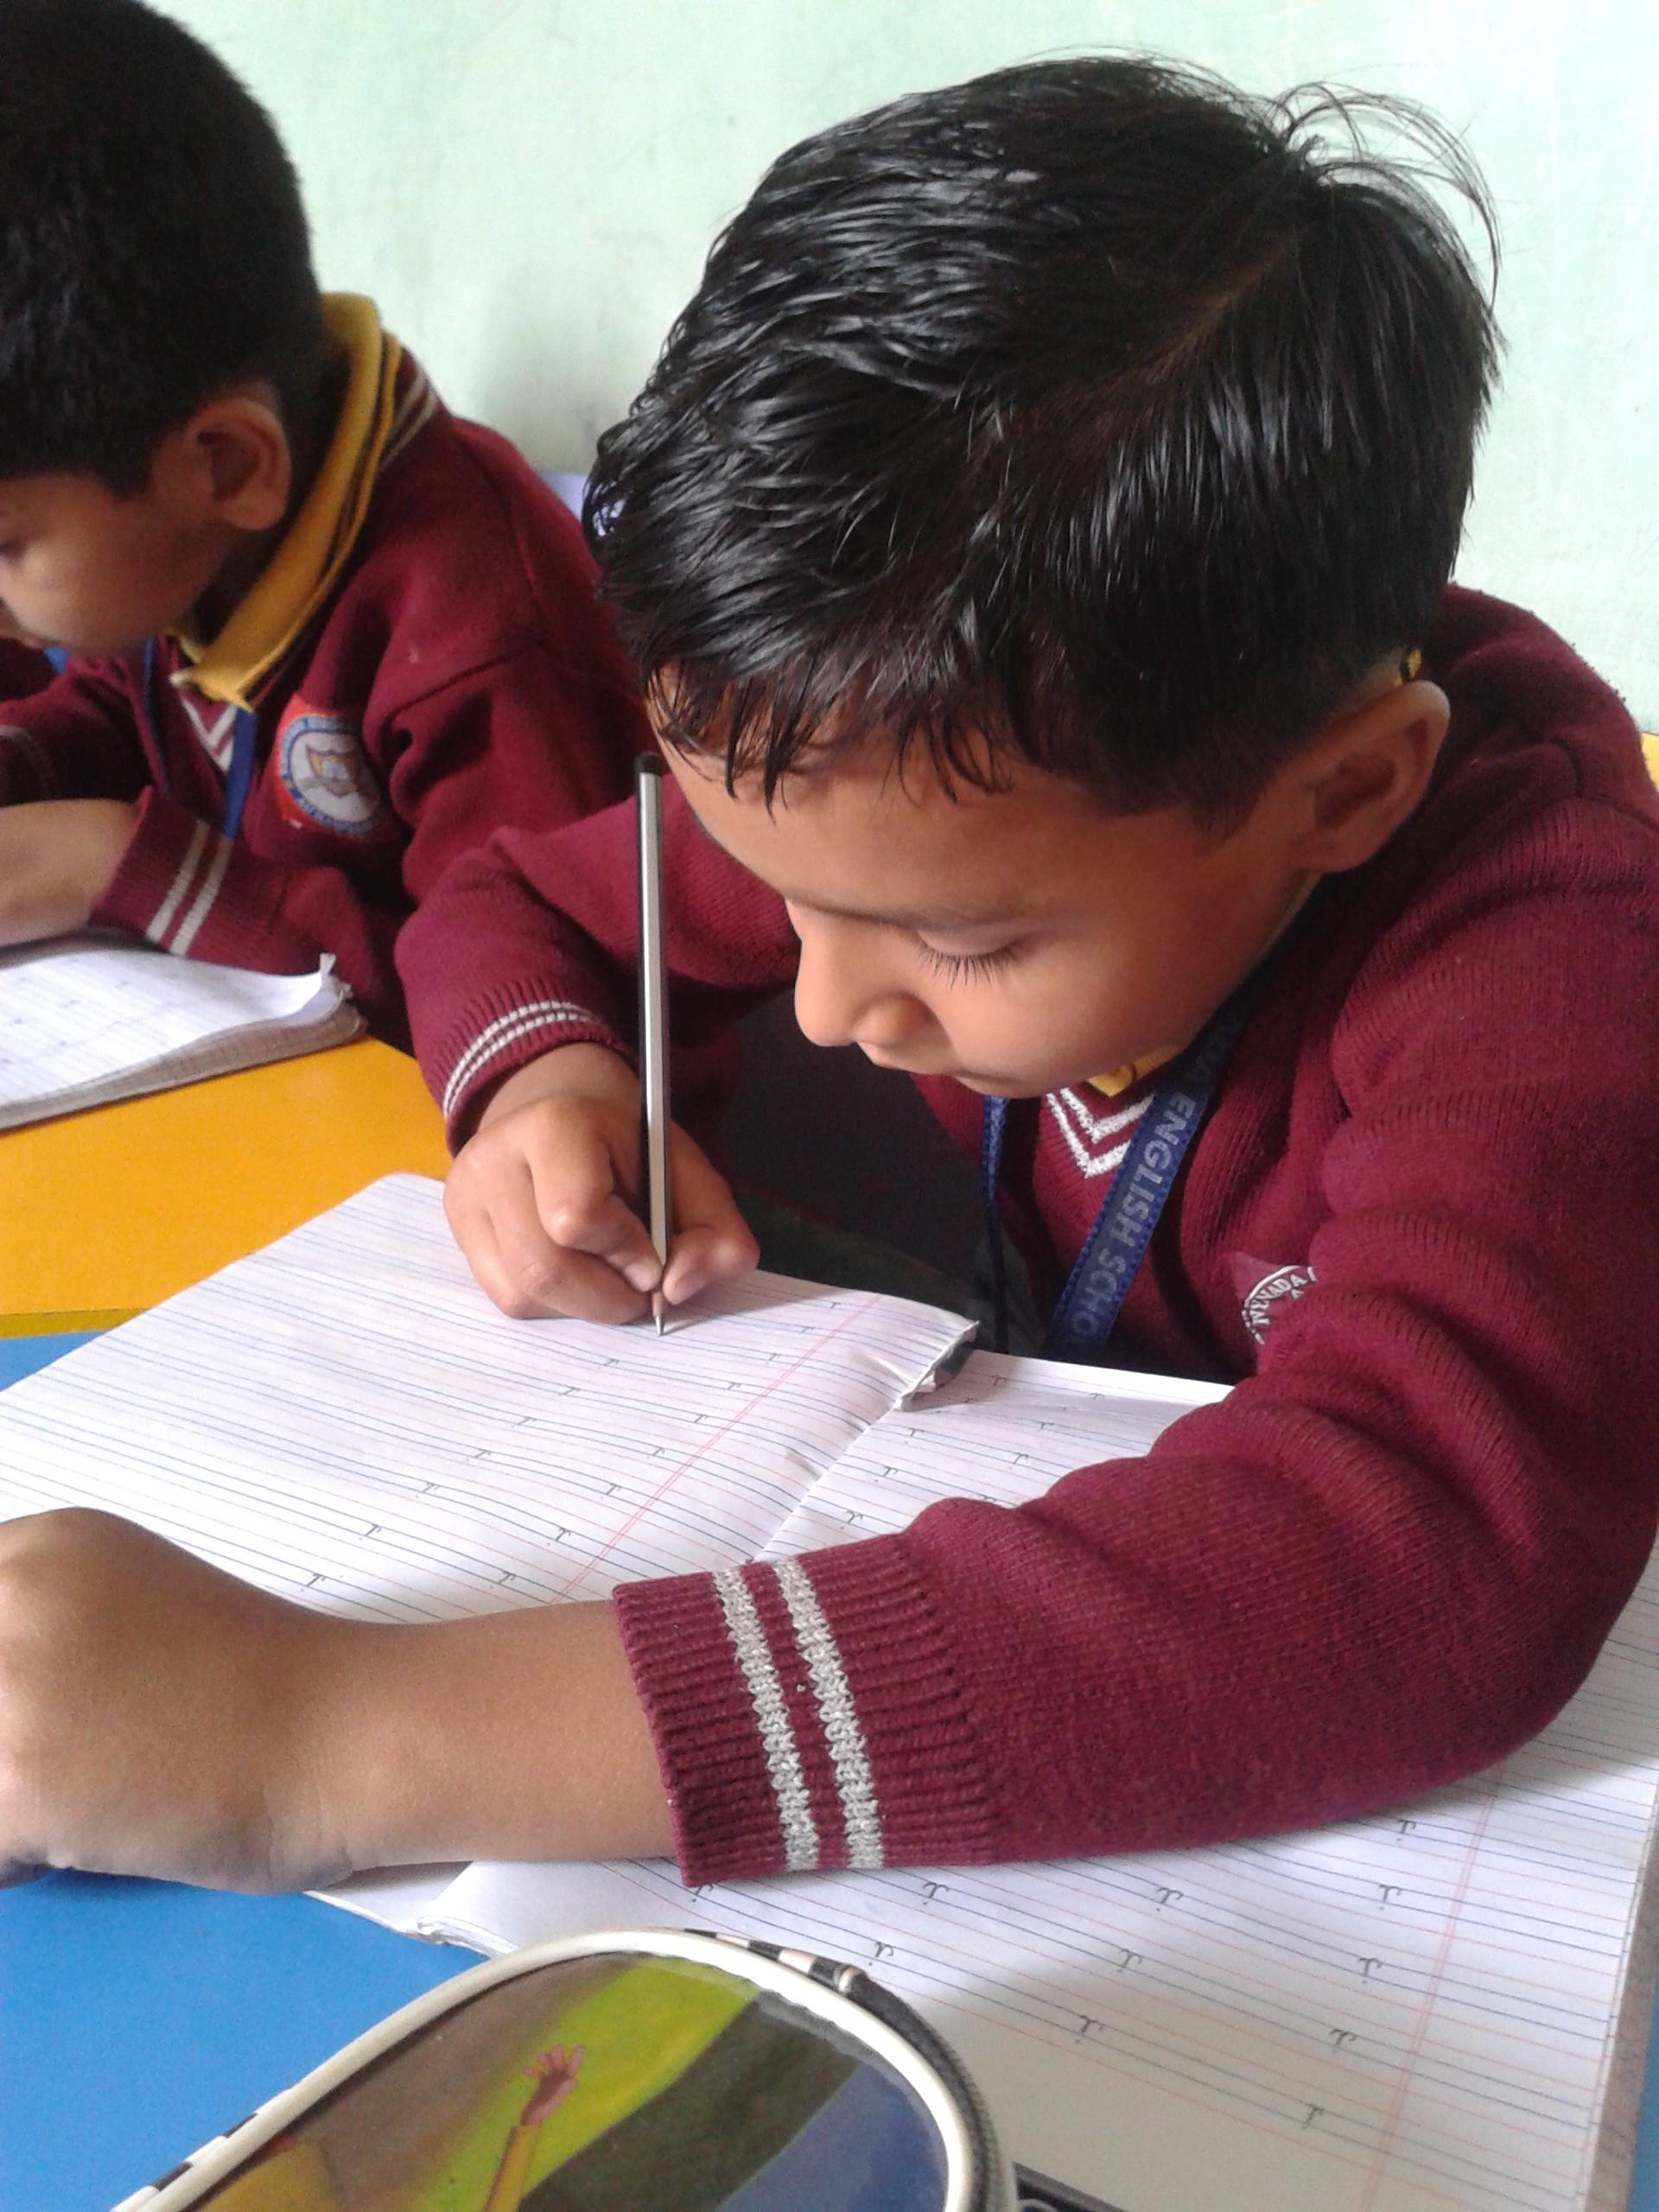 Akshar Handwriting Analysis_image0